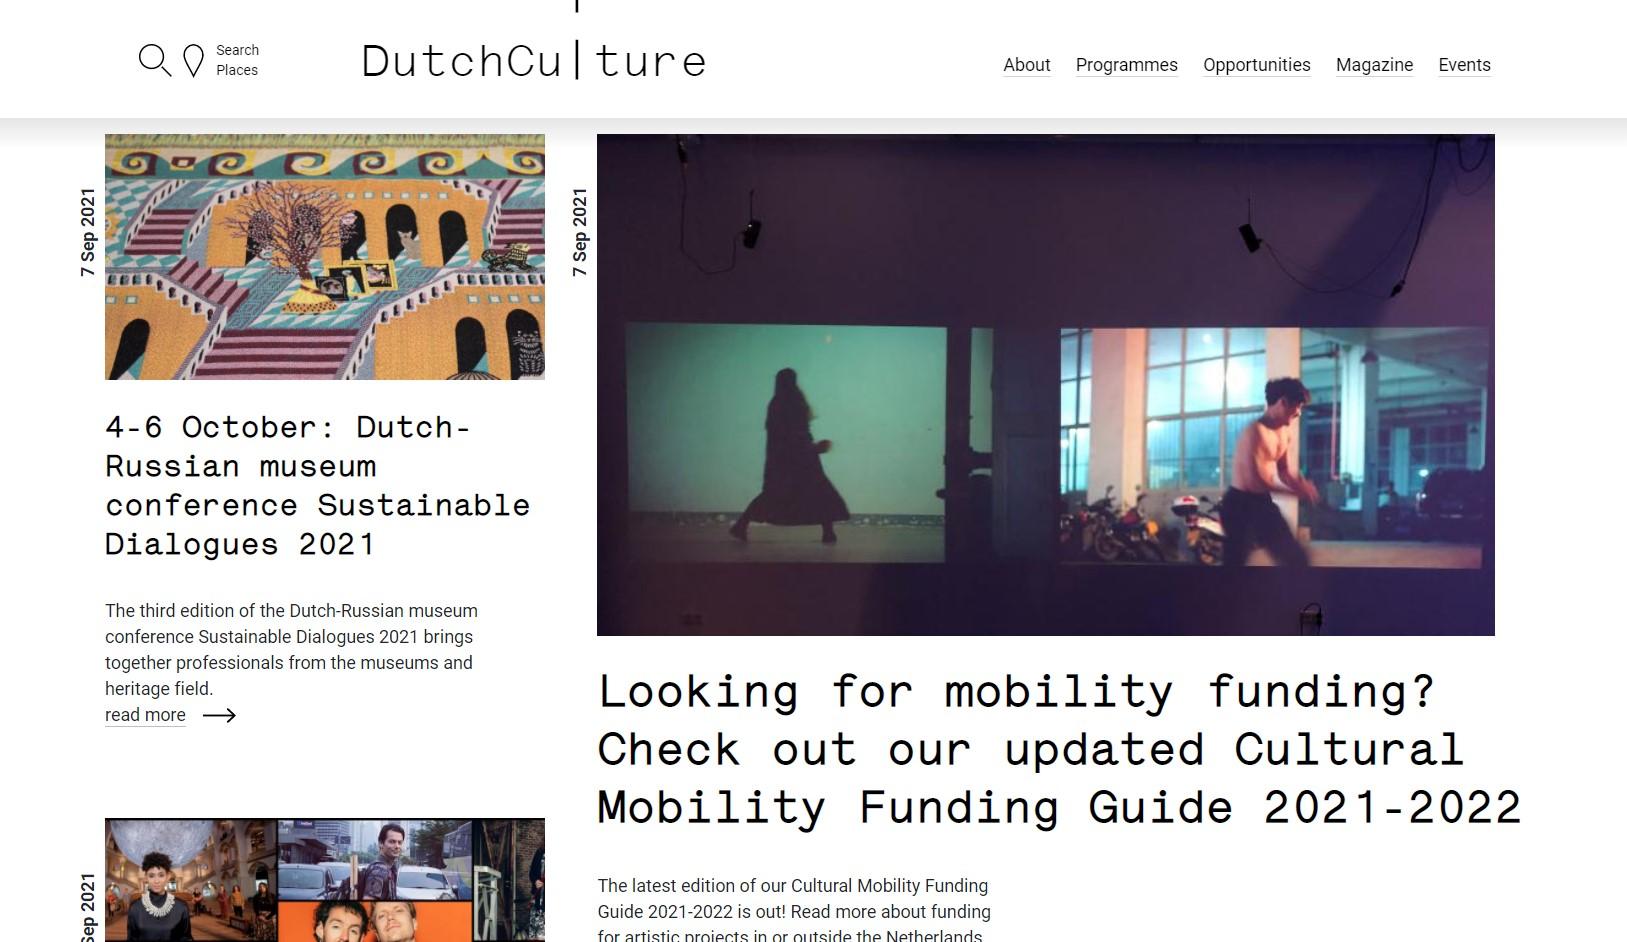 Website of dutch culture